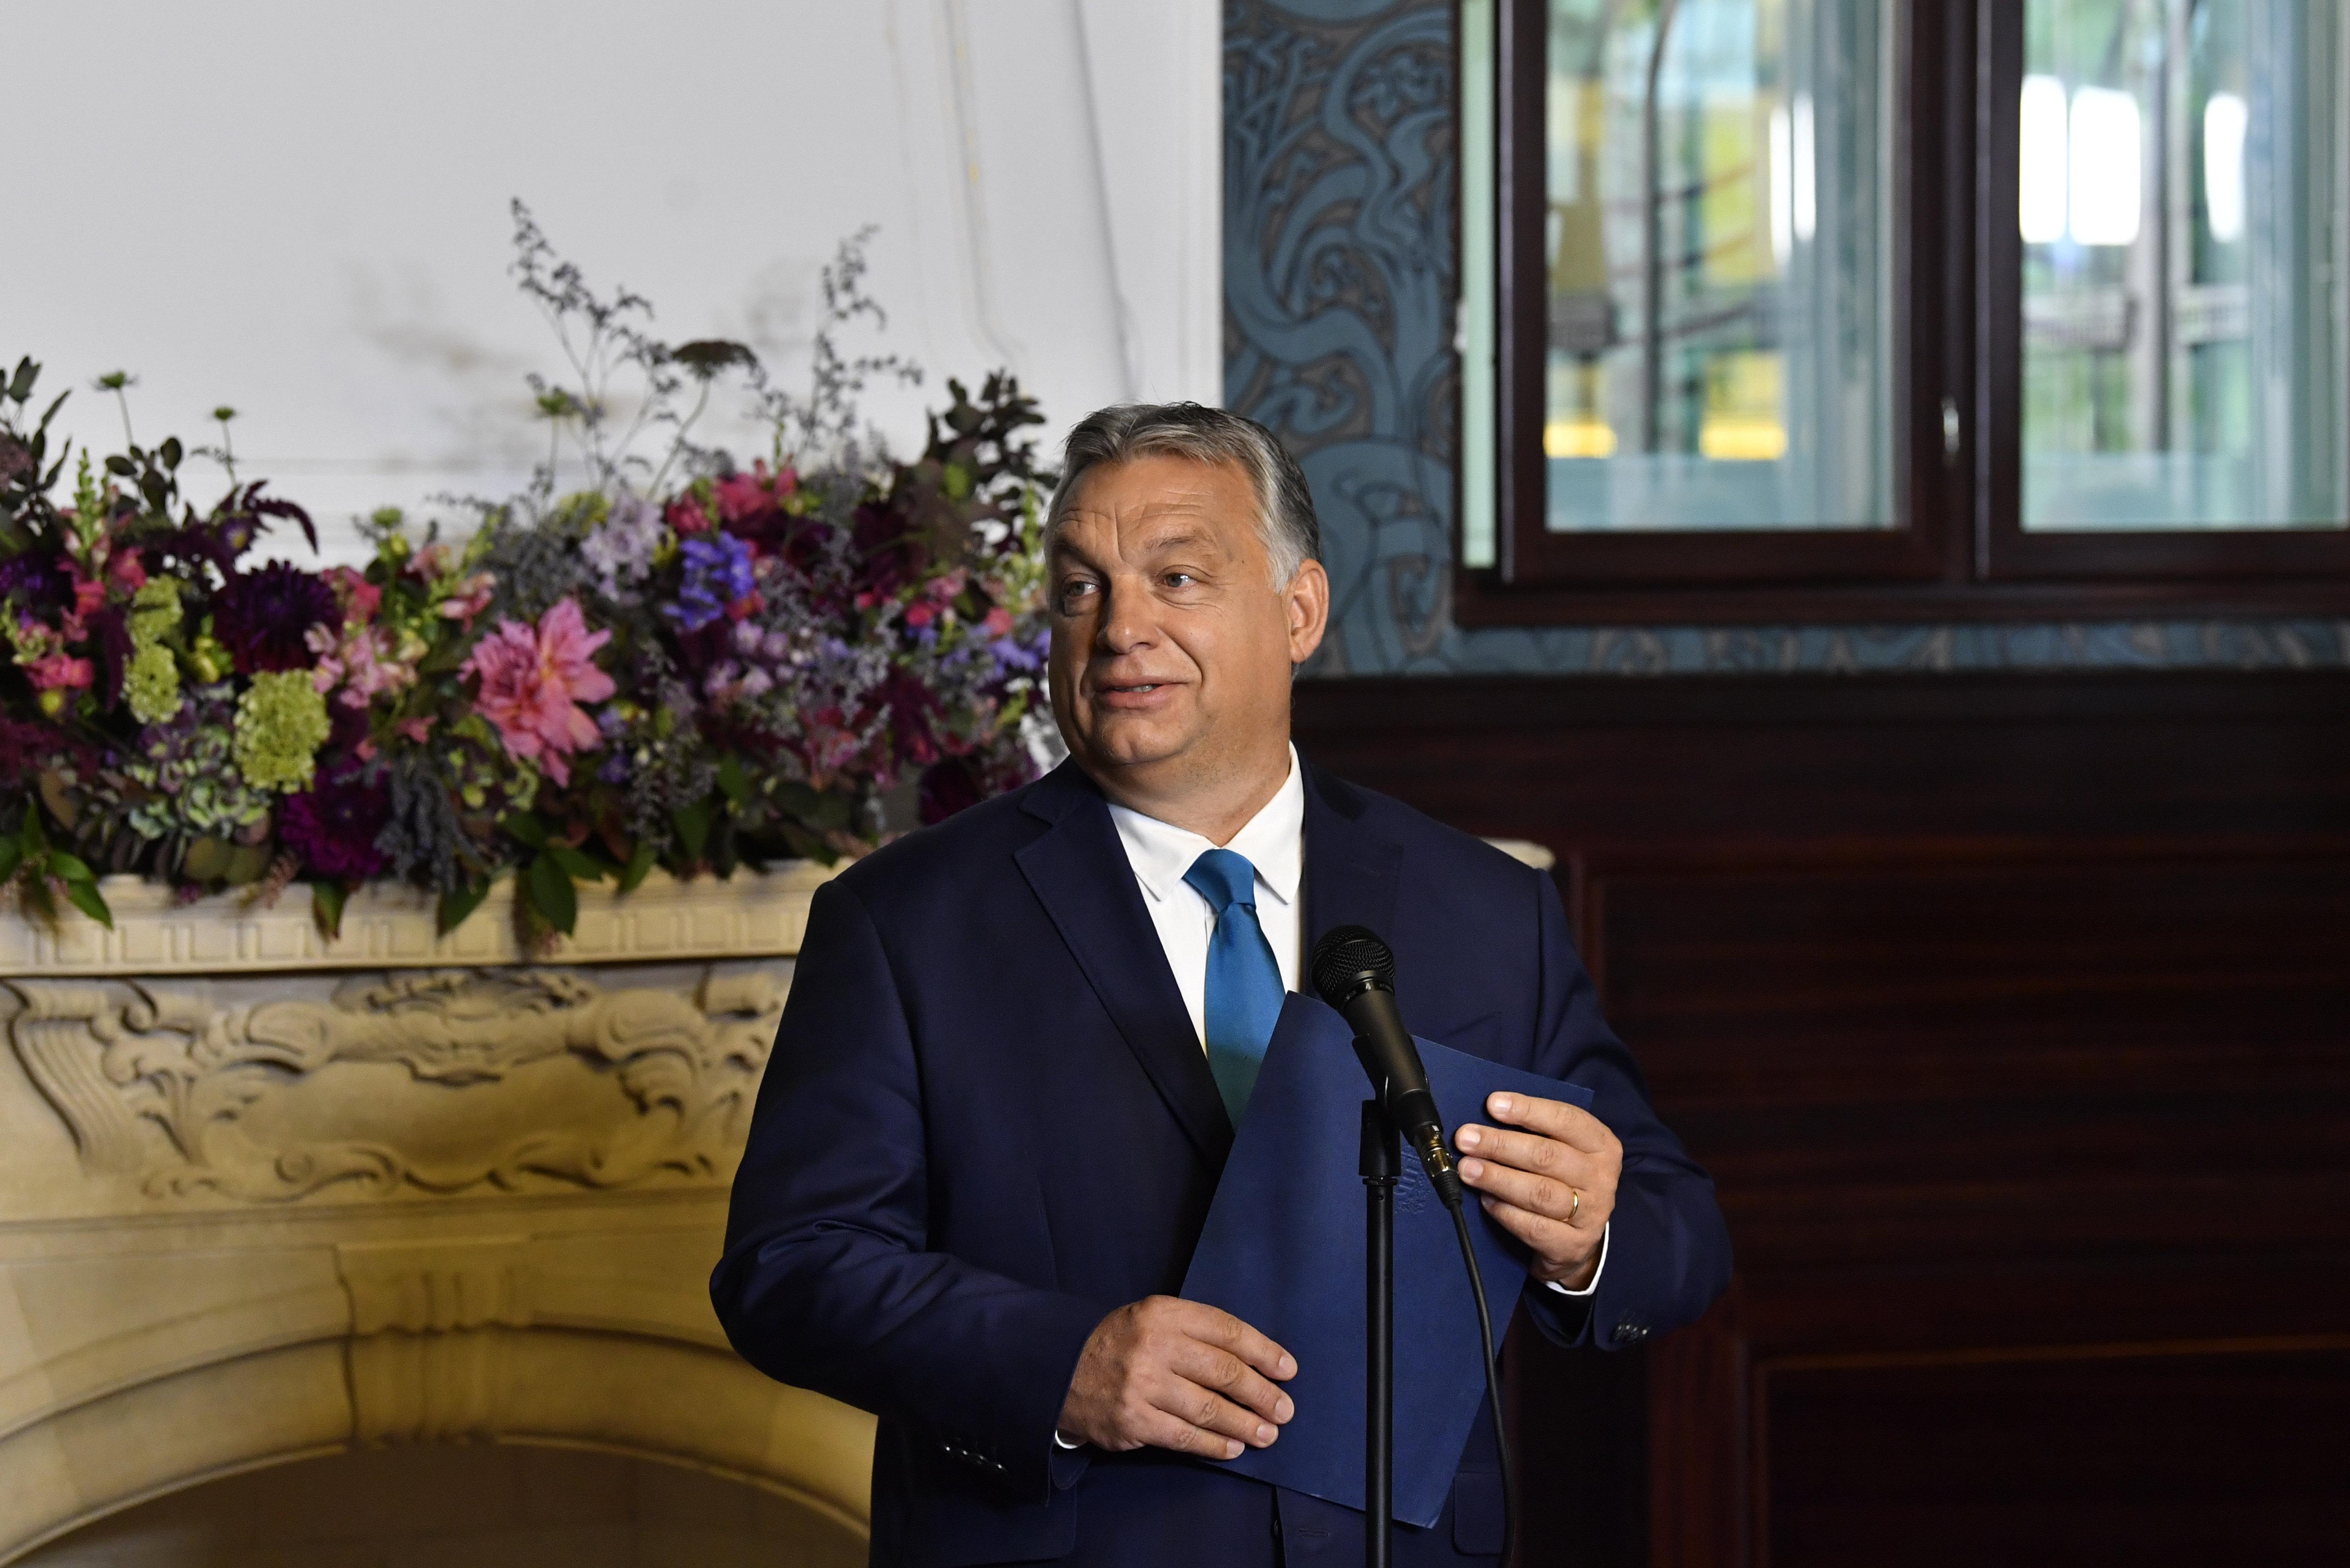 Úgy néz ki, nem lesz utcai Orbán-beszéd október 23-án